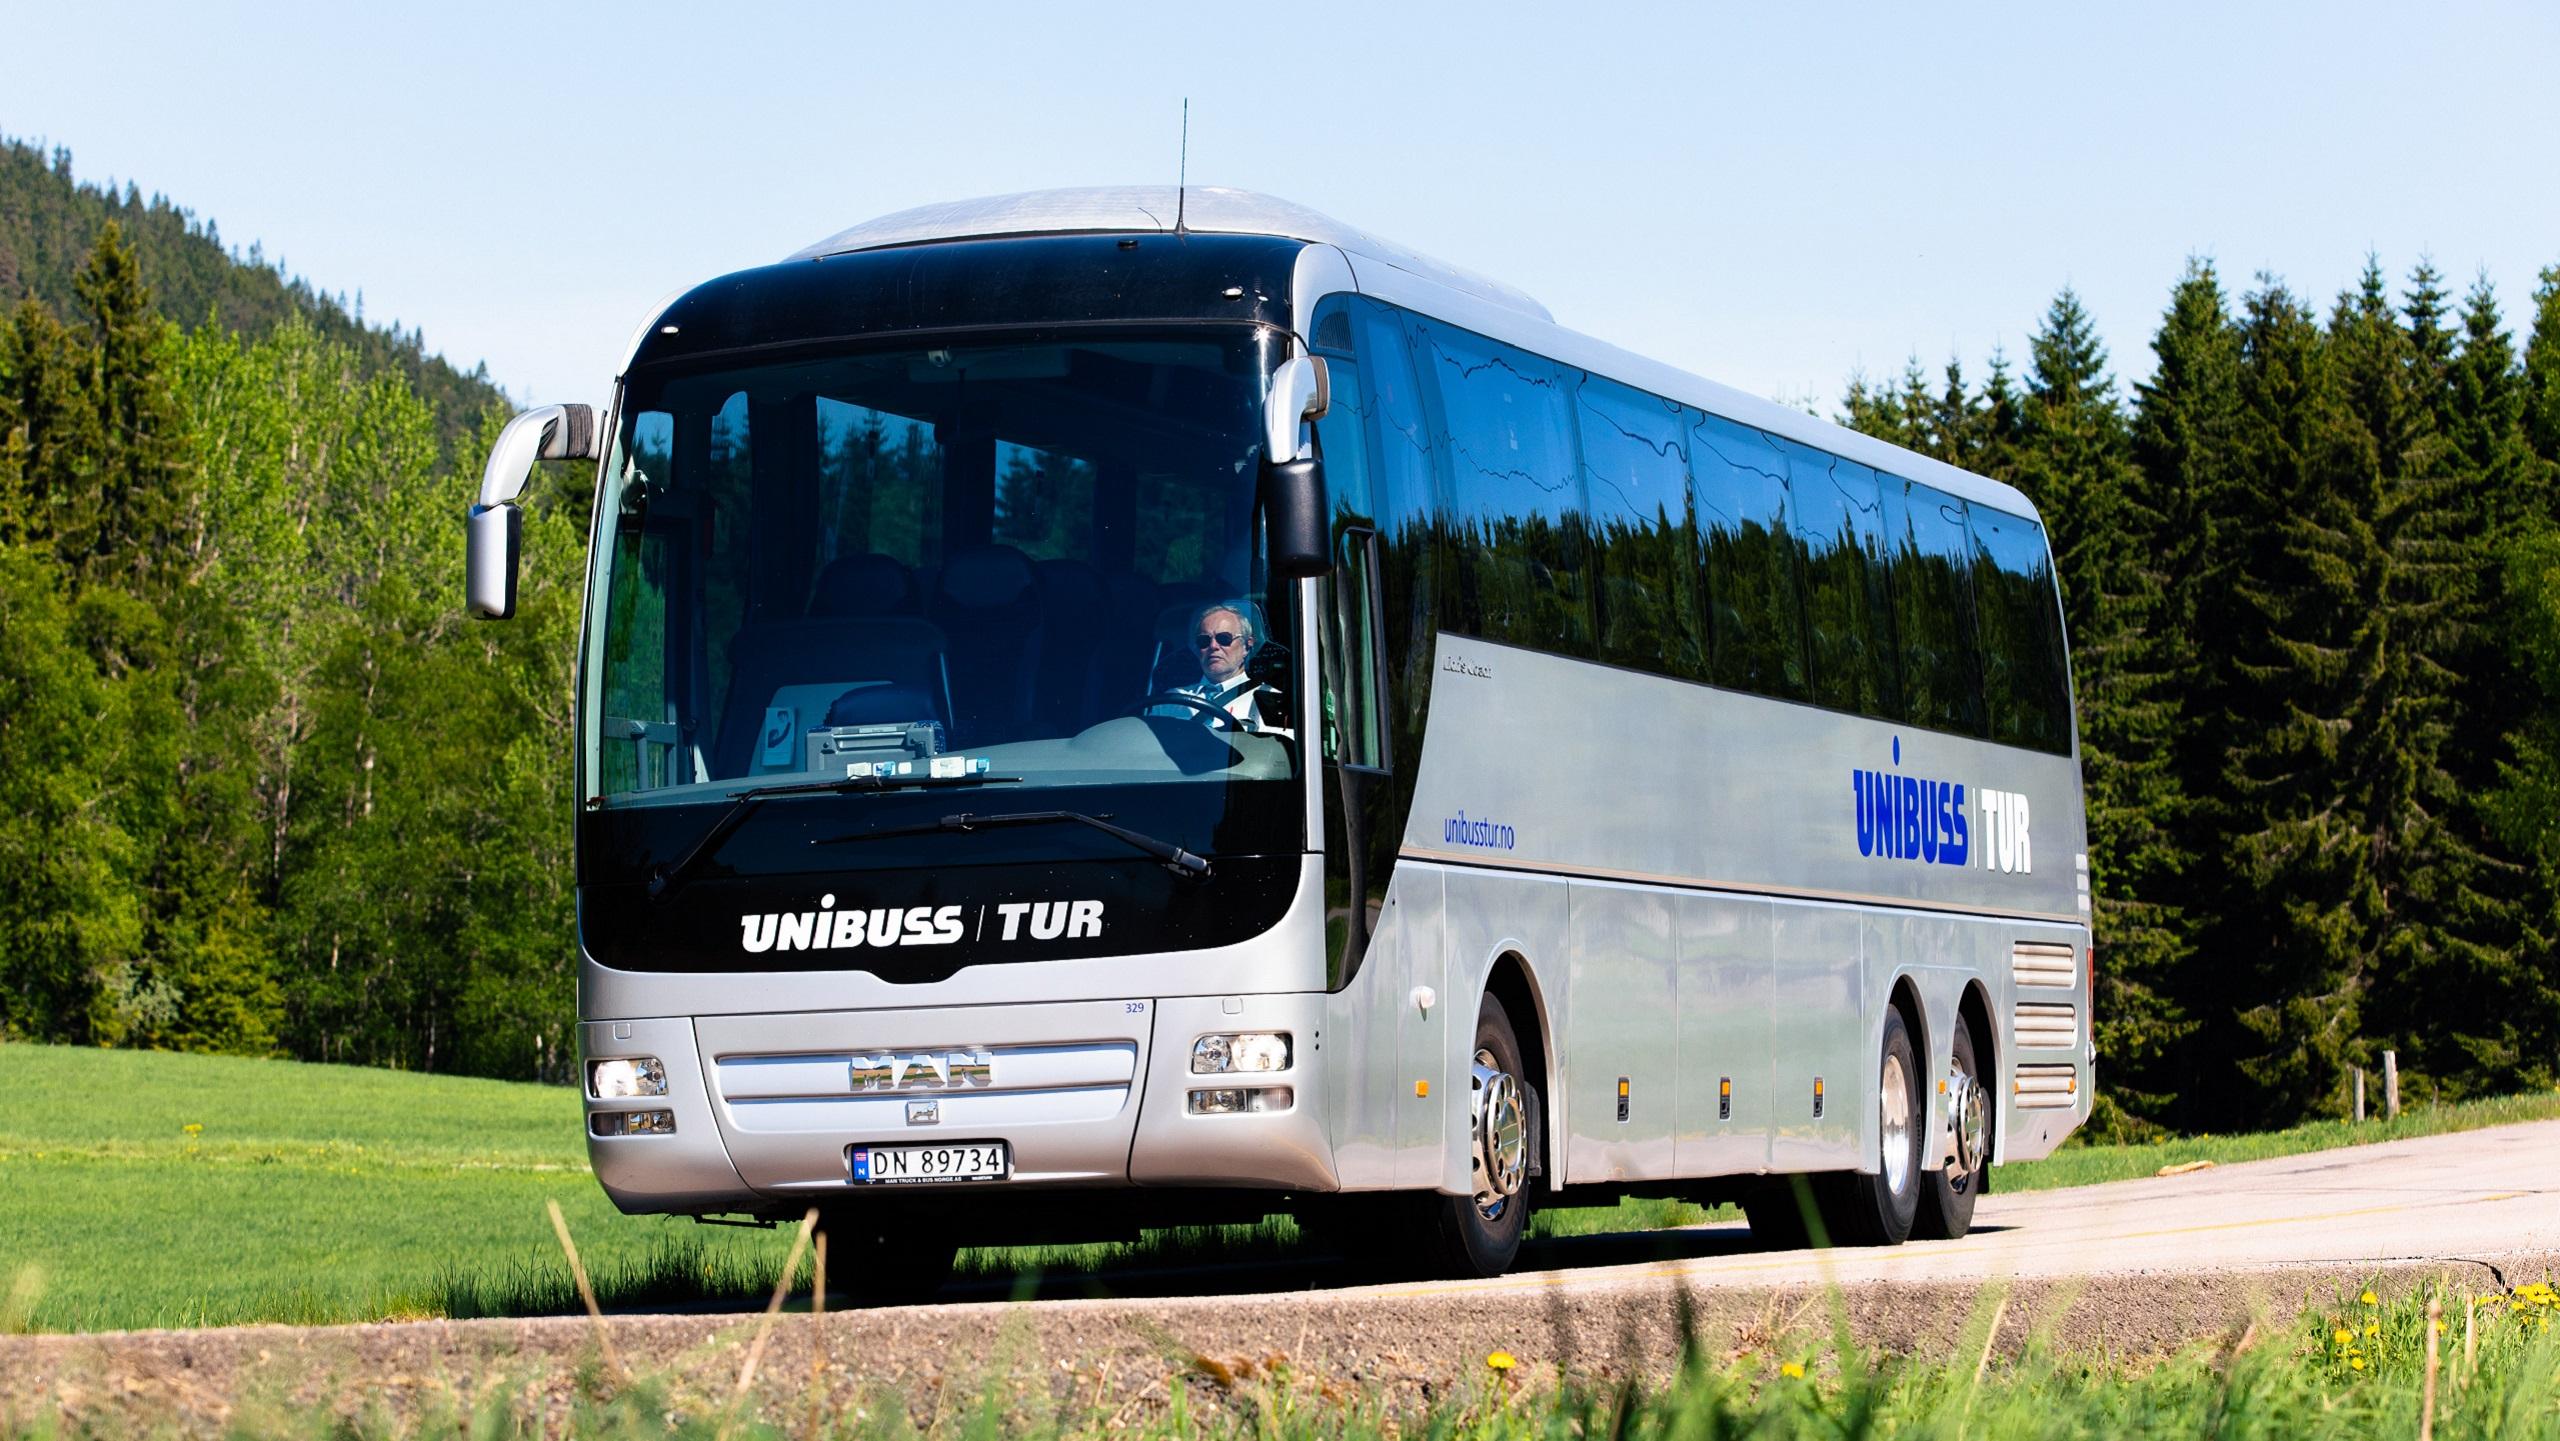 leie buss med sjåfør oslo